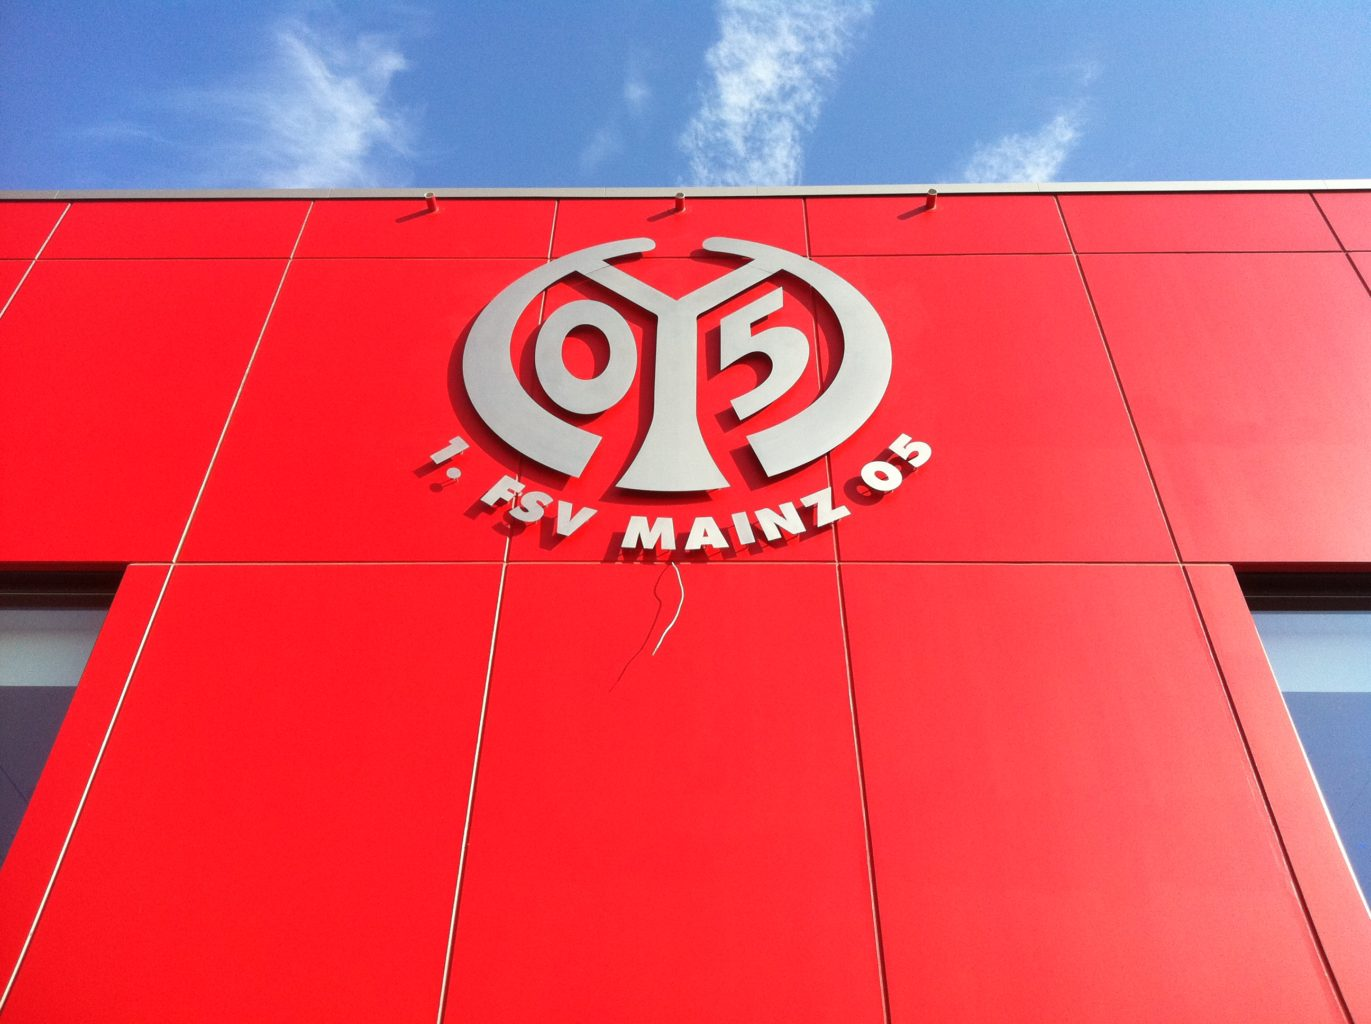 FSV Mainz, czyli główny kandydat do spadku z Bundesligi